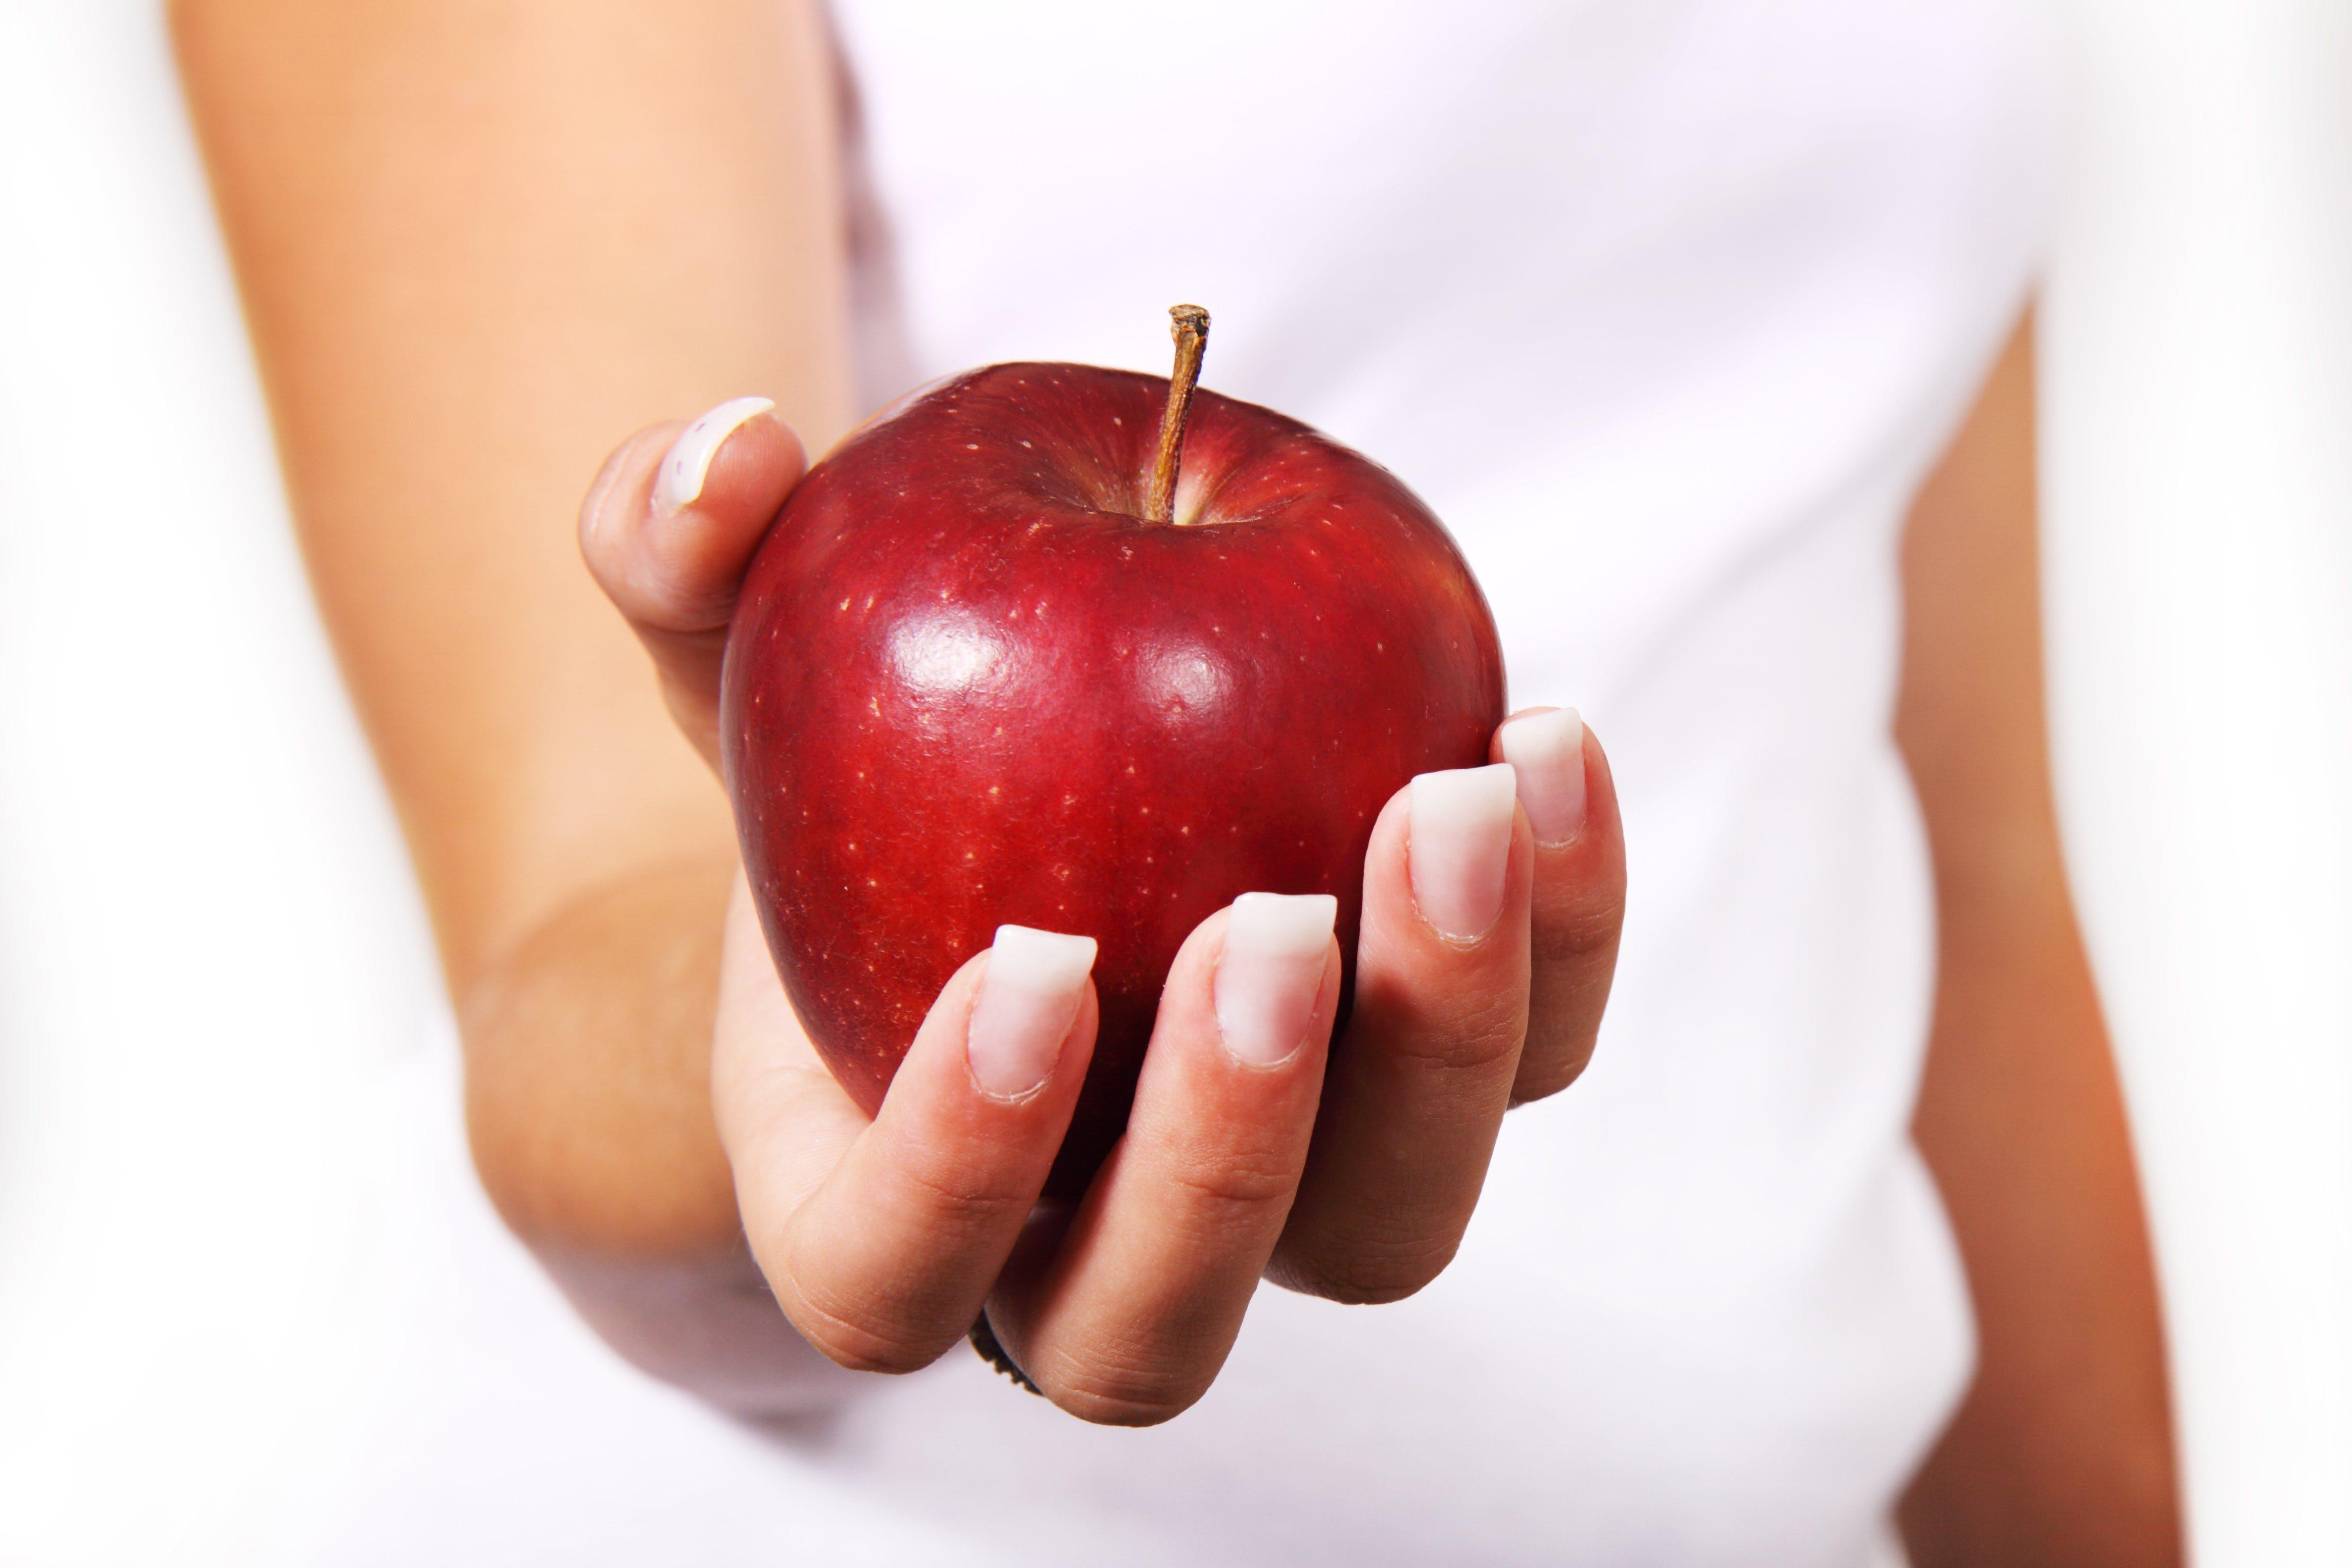 Fotos de stock gratuitas de apple, comida, Fruta, mano